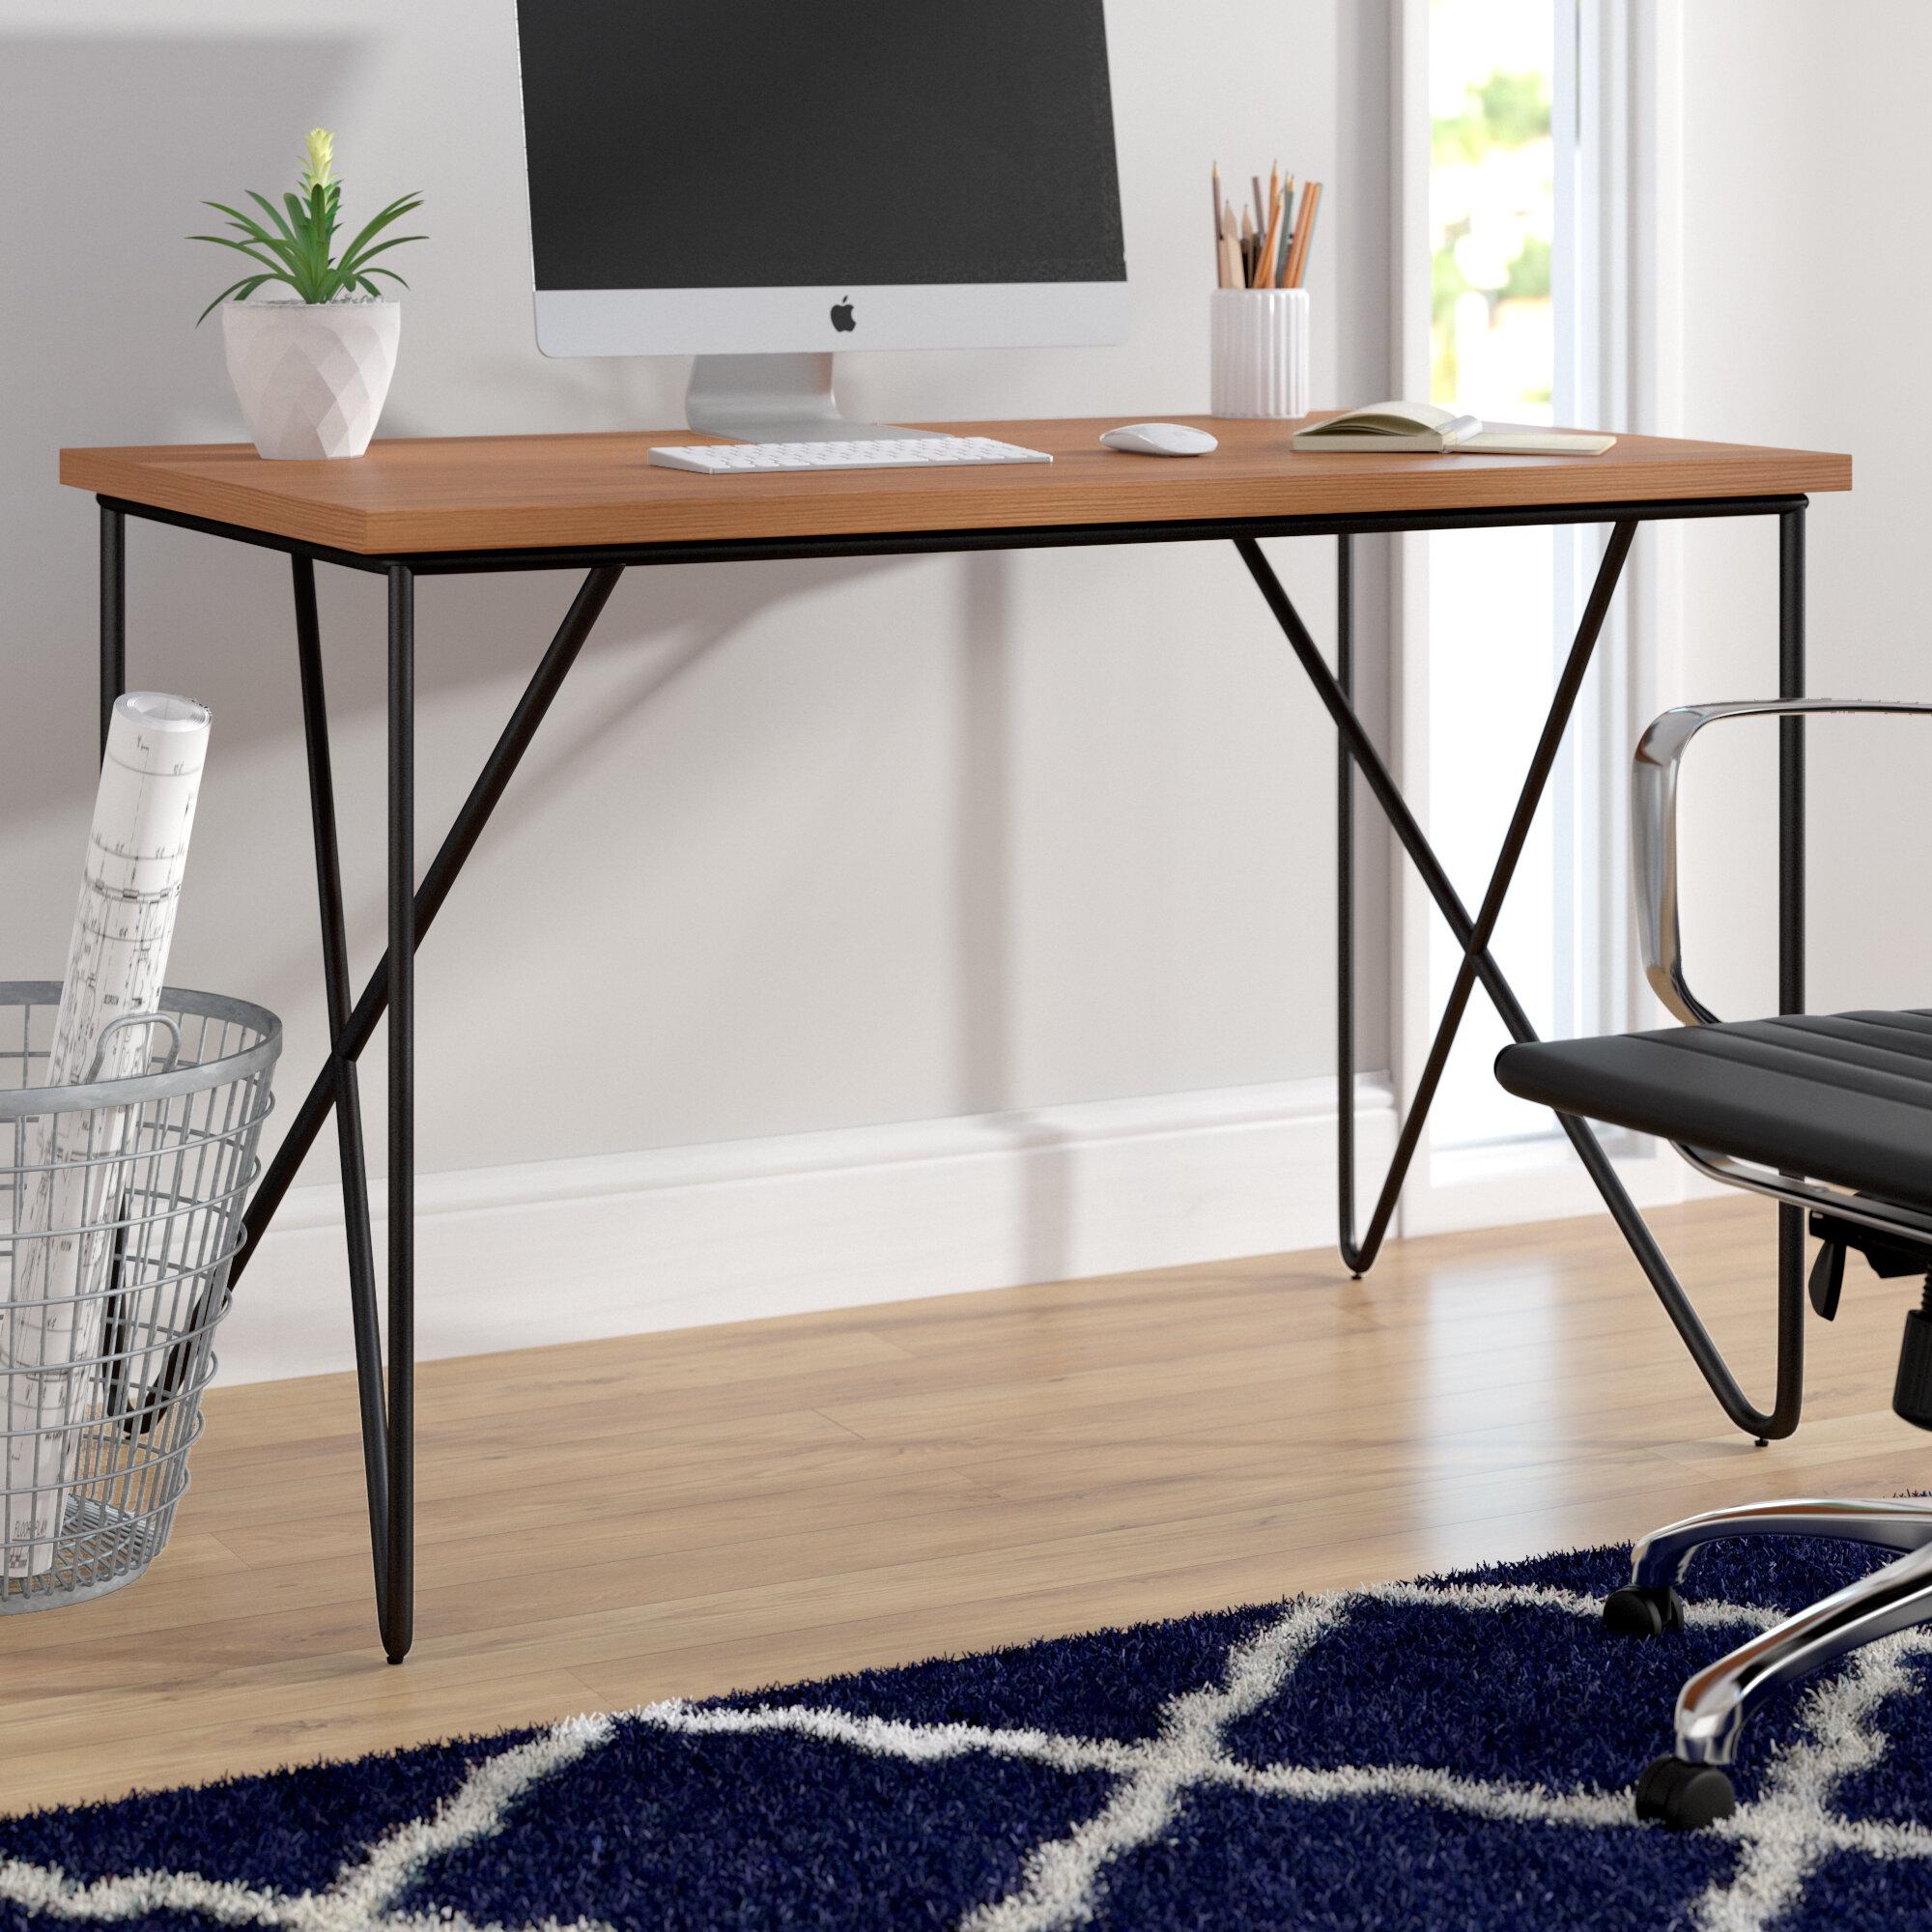 Miro Mid-Century Modern Office Desk